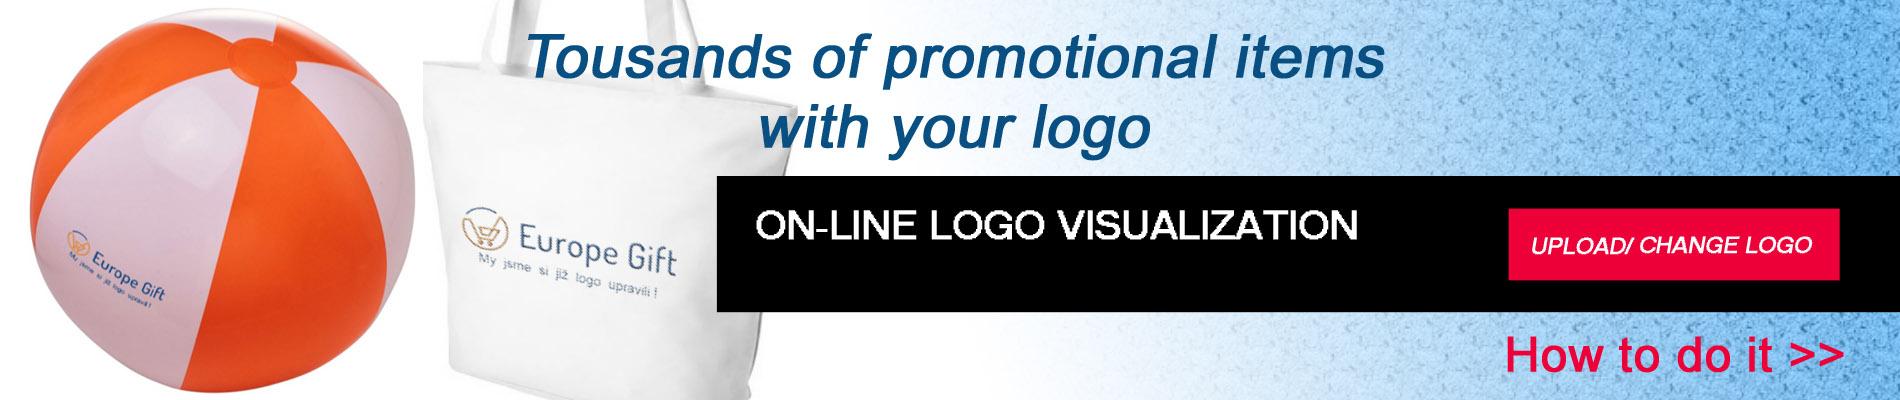 EG HP online vizualizace loga AJ.jpg